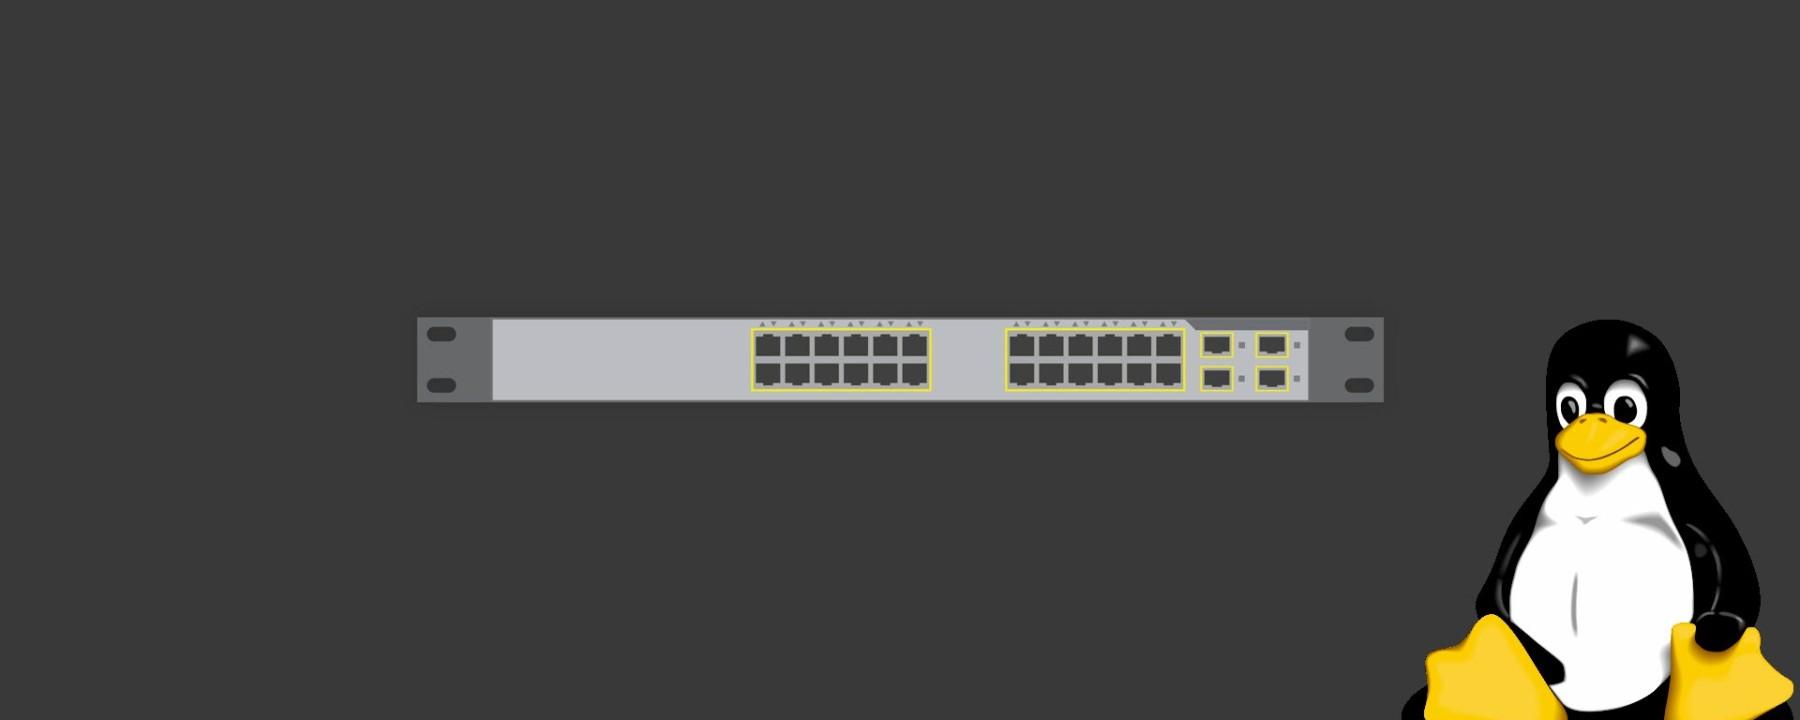 Como averiguar la puerta de enlace en Linux